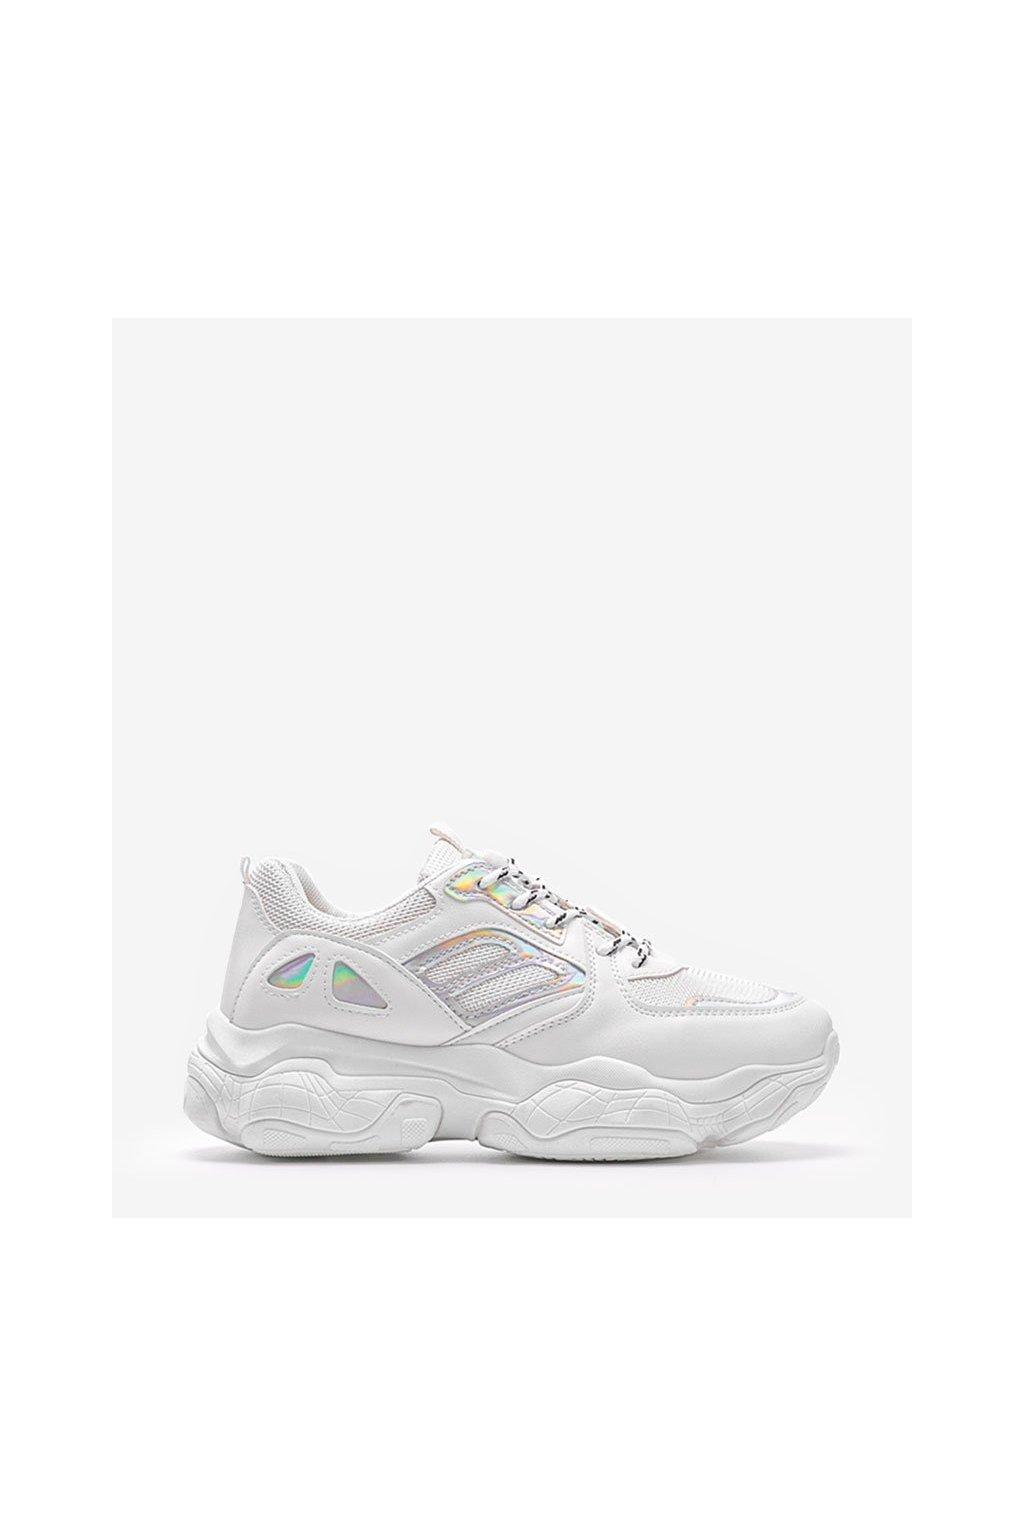 Dámske topánky tenisky biele kód H8 - GM